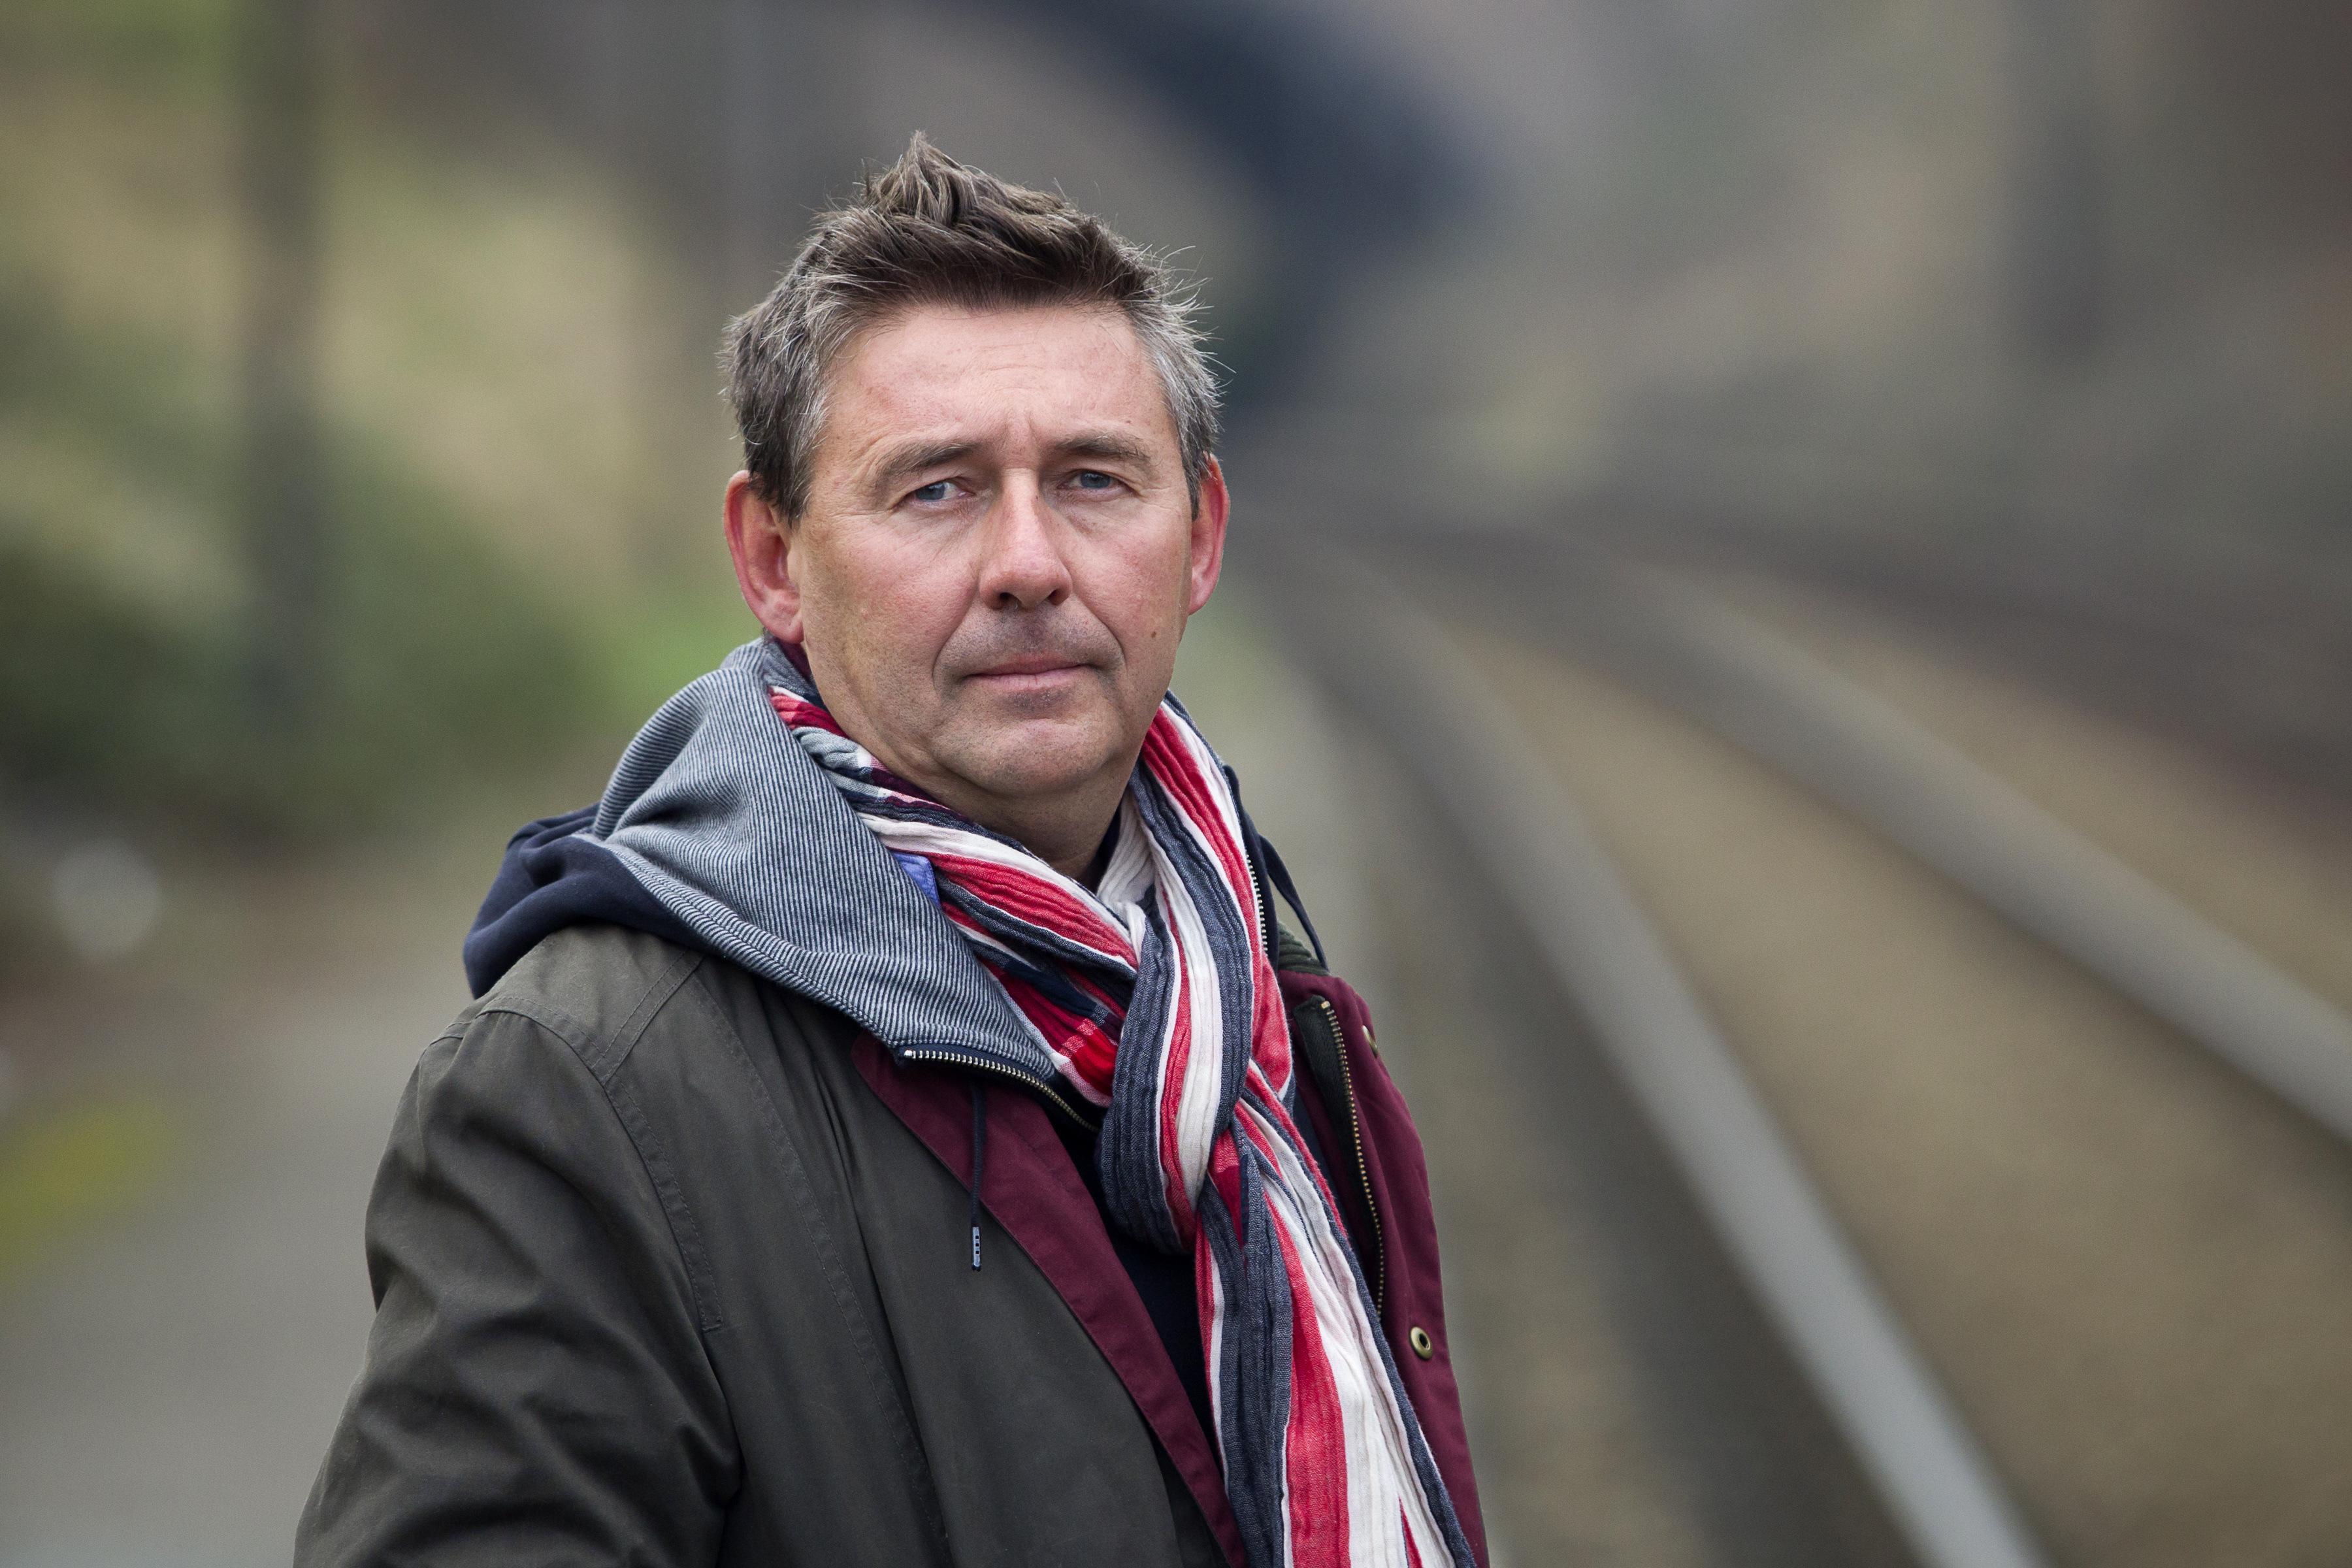 """Rudi Vranckx: """"Je moet IS bestrijden op alle mogelijke terreinen, ook daar ter plaatse. Je kan niet meer terug nu."""" (foto belga)"""